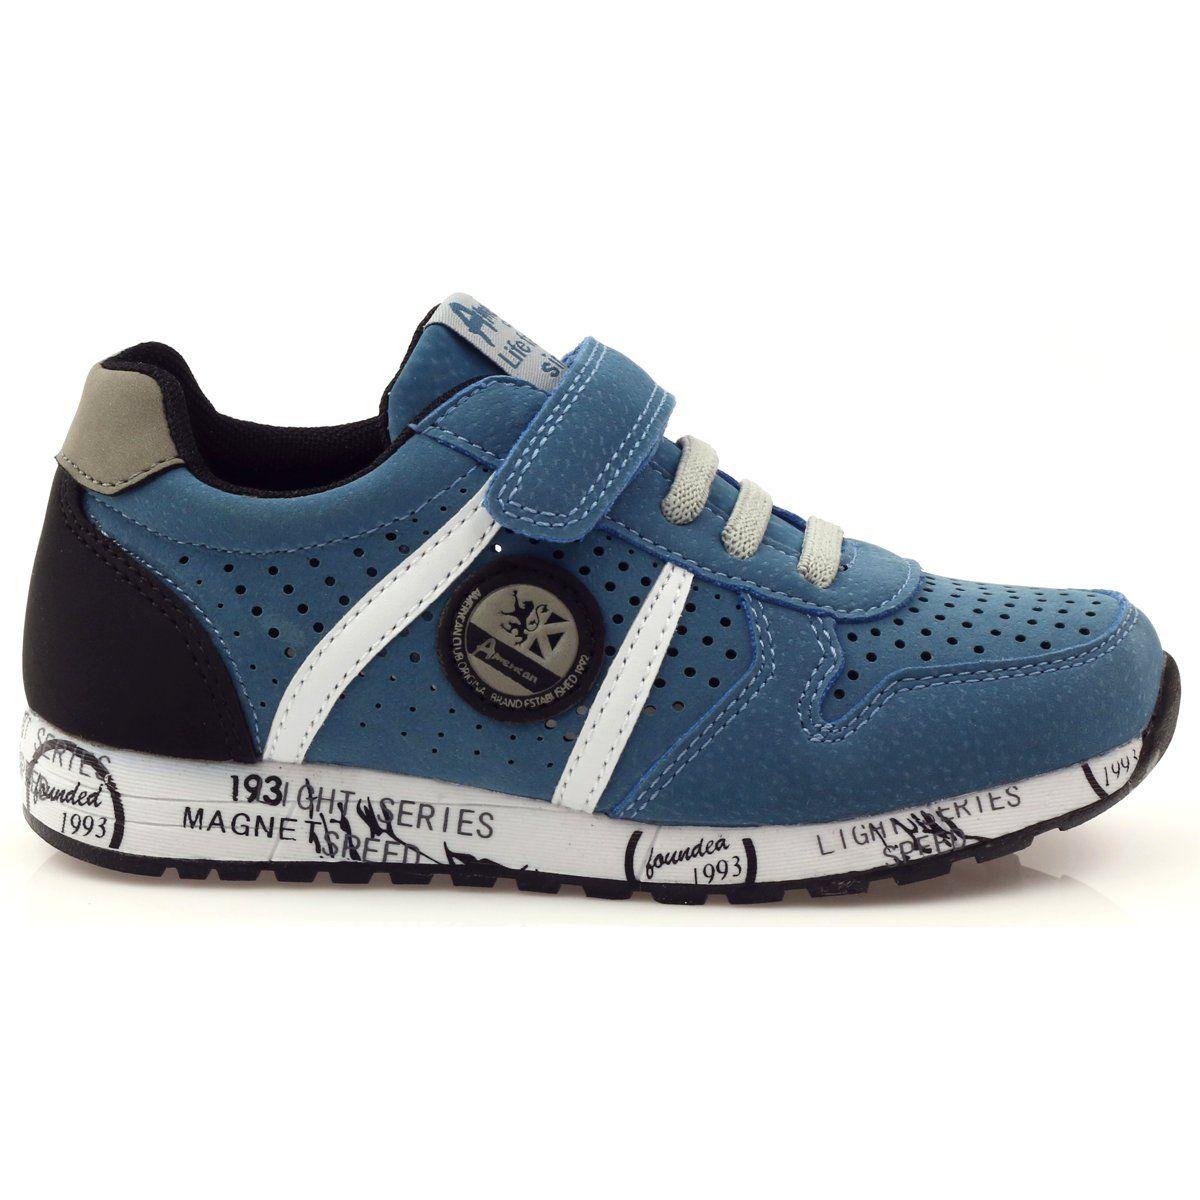 American Club Adi Sportowe American Wkladka Skorzana Szare Niebieskie Czarne Biale Sneakers Men Sneakers Shoes